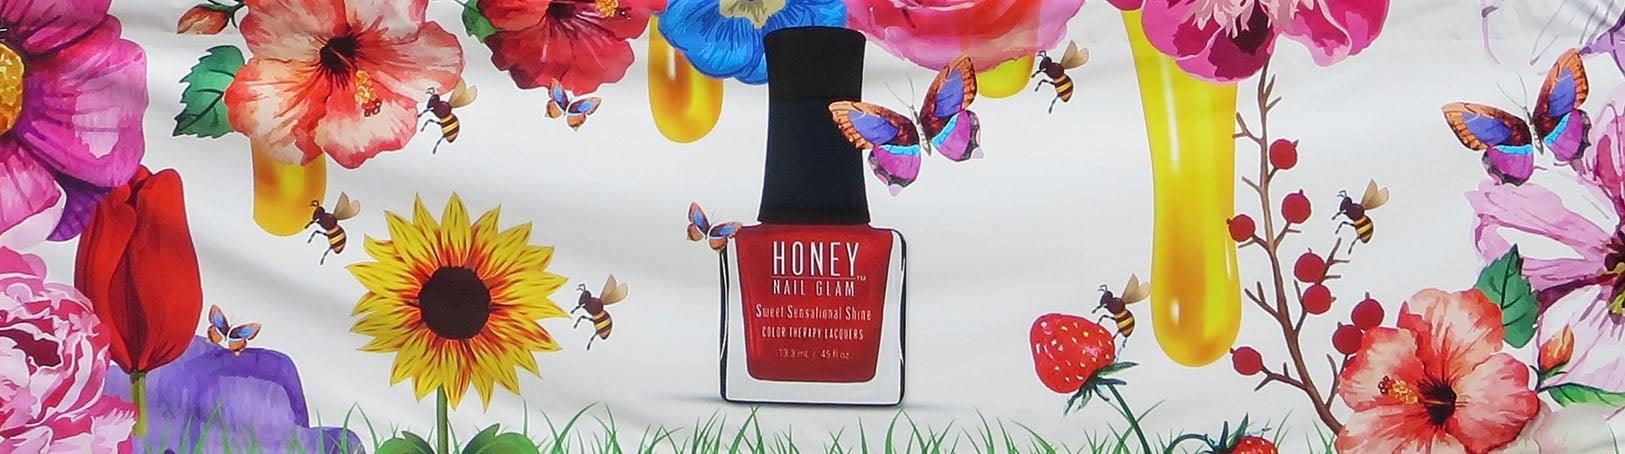 honey-glam-nails-5052.jpg